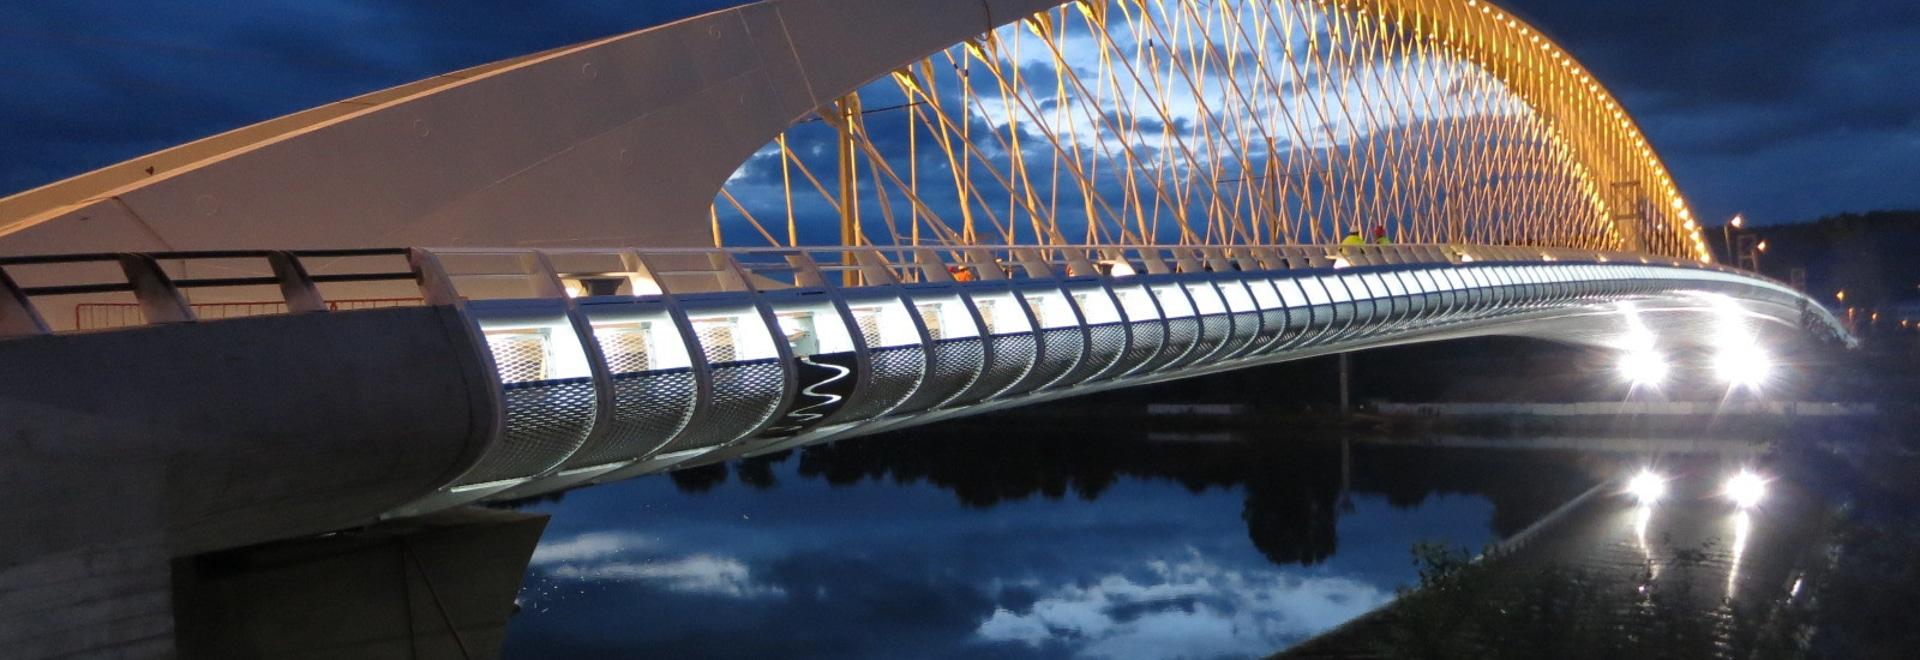 Troja-Brücke